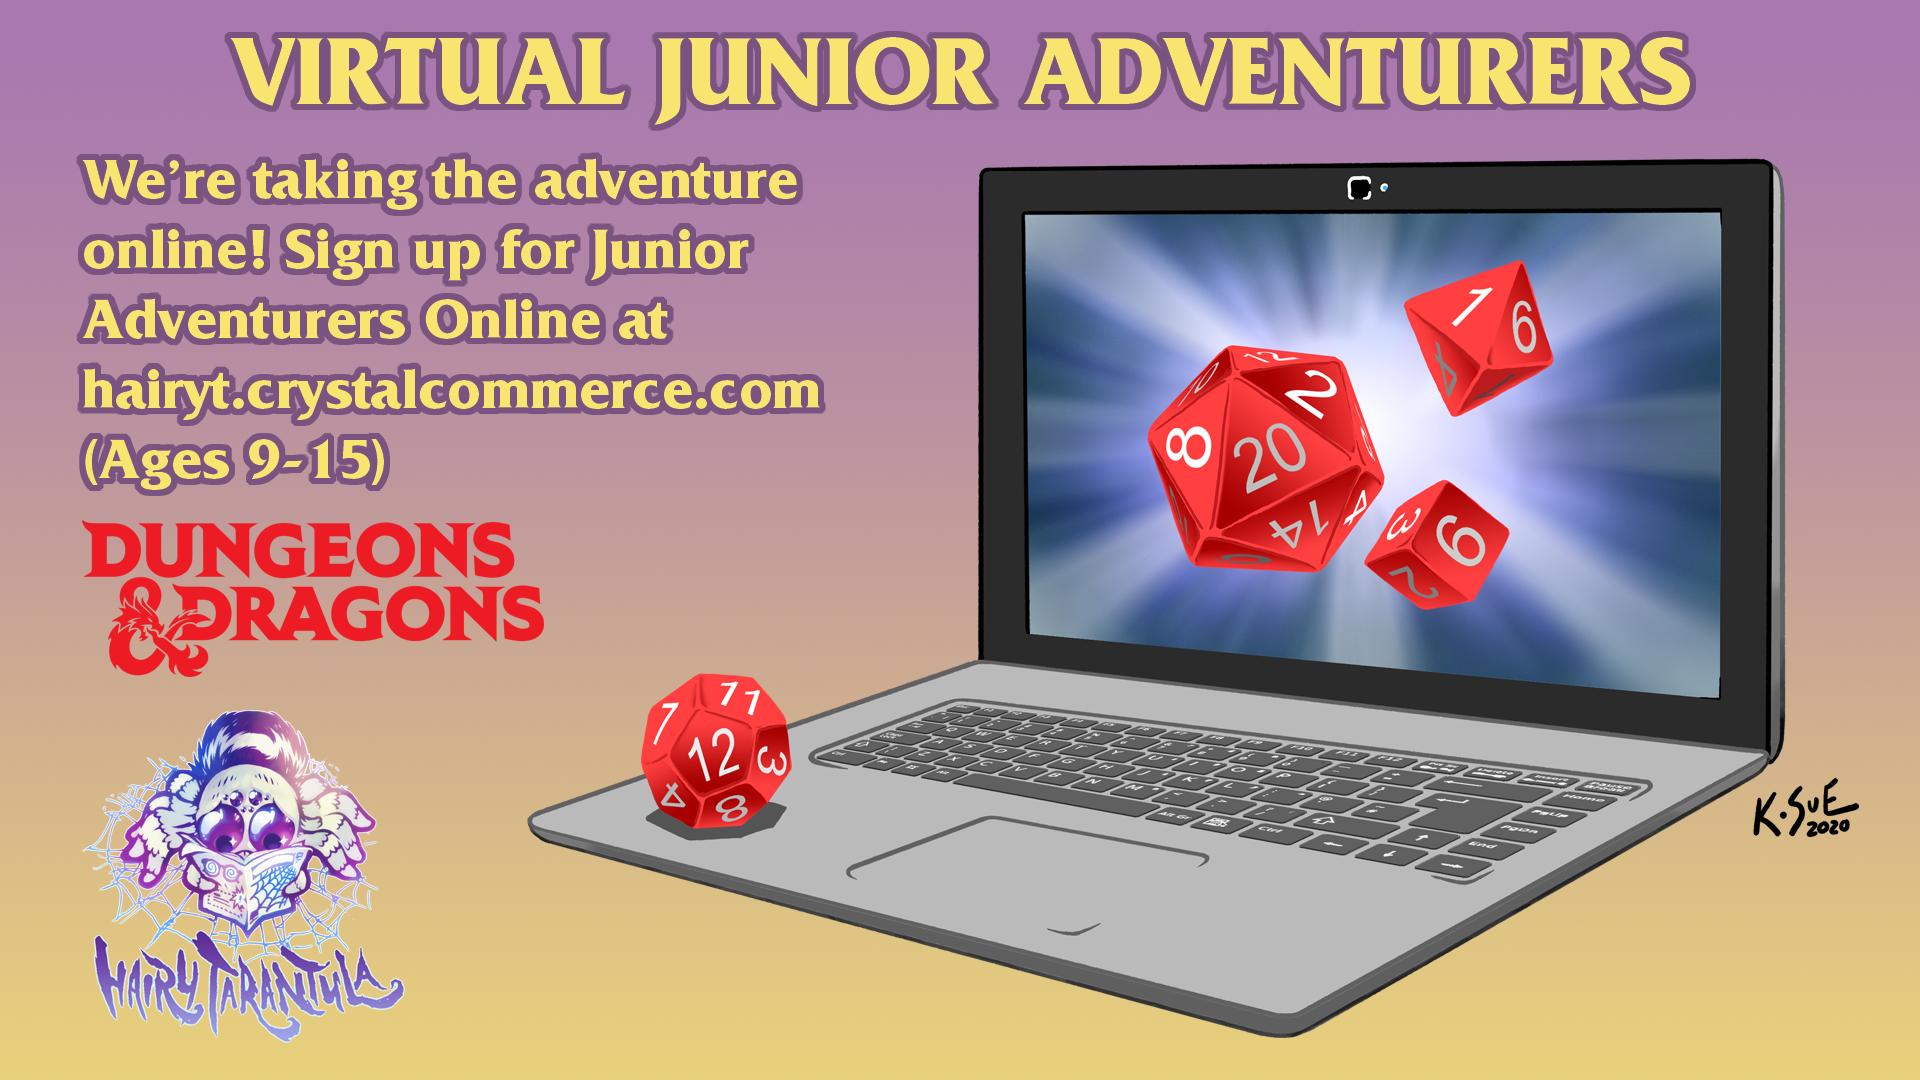 Virtual Junior Adventurers - Saturday